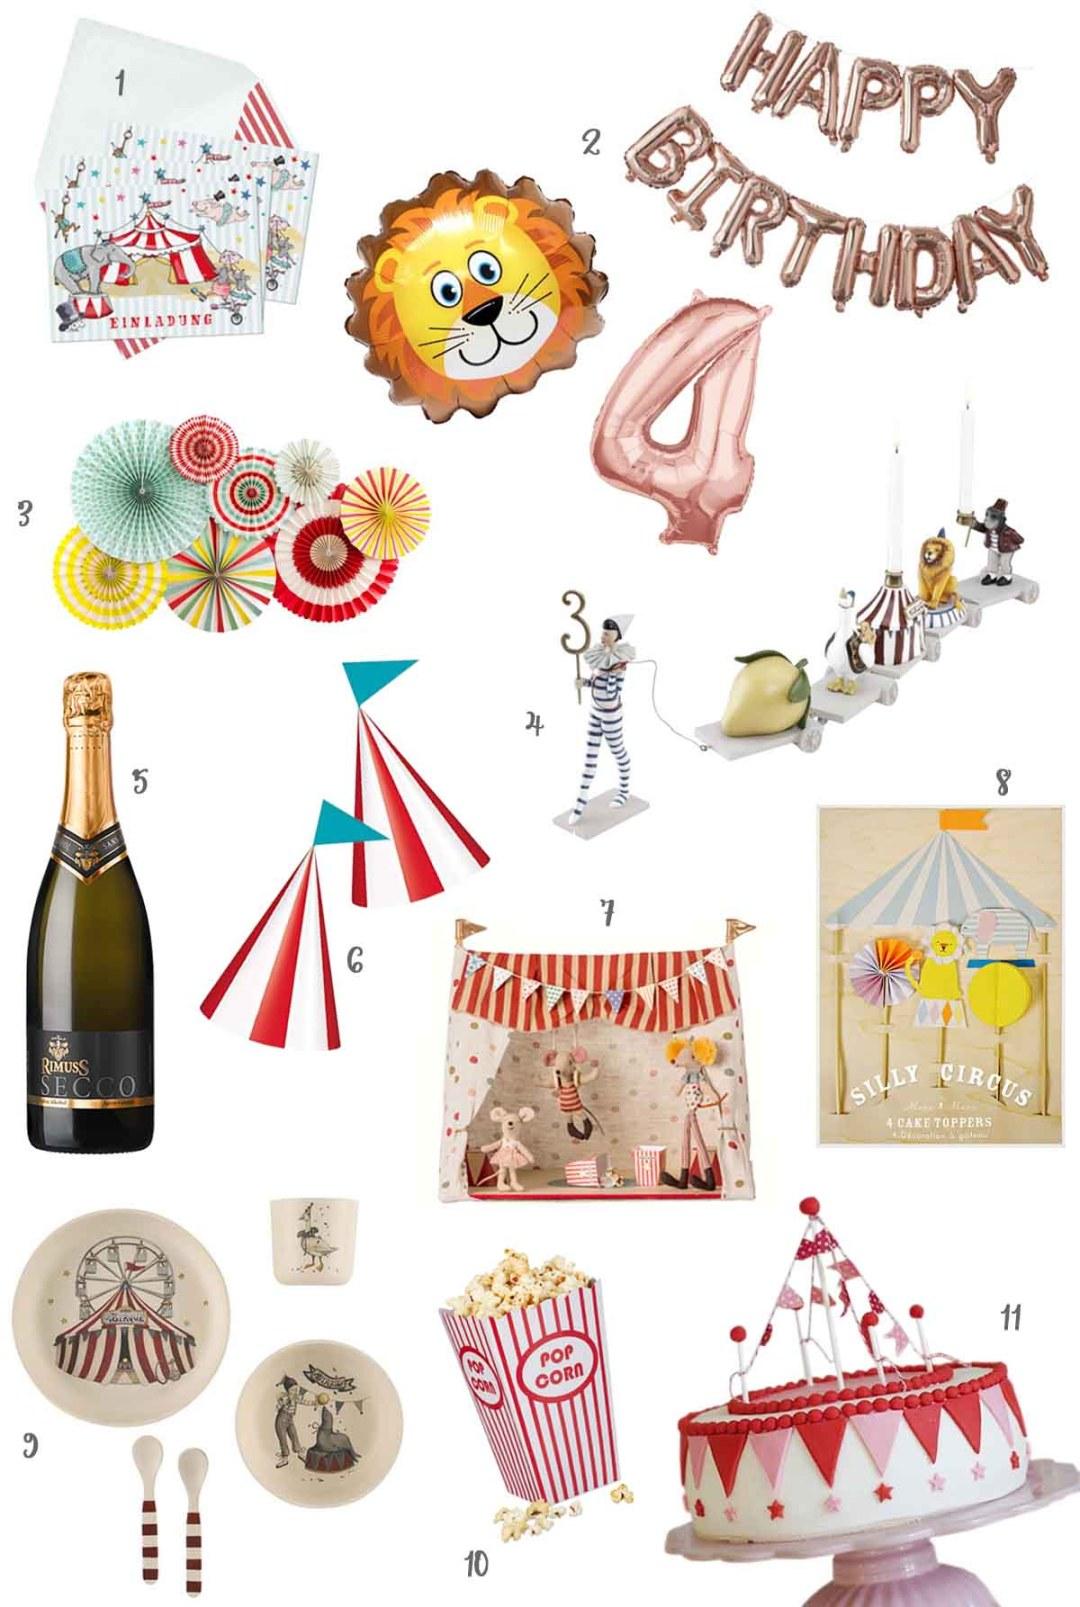 Happy Kindergeburtstag: Wir feiern eine Zirkusparty #kindergeburtstag #geburtstag #zirkusparty